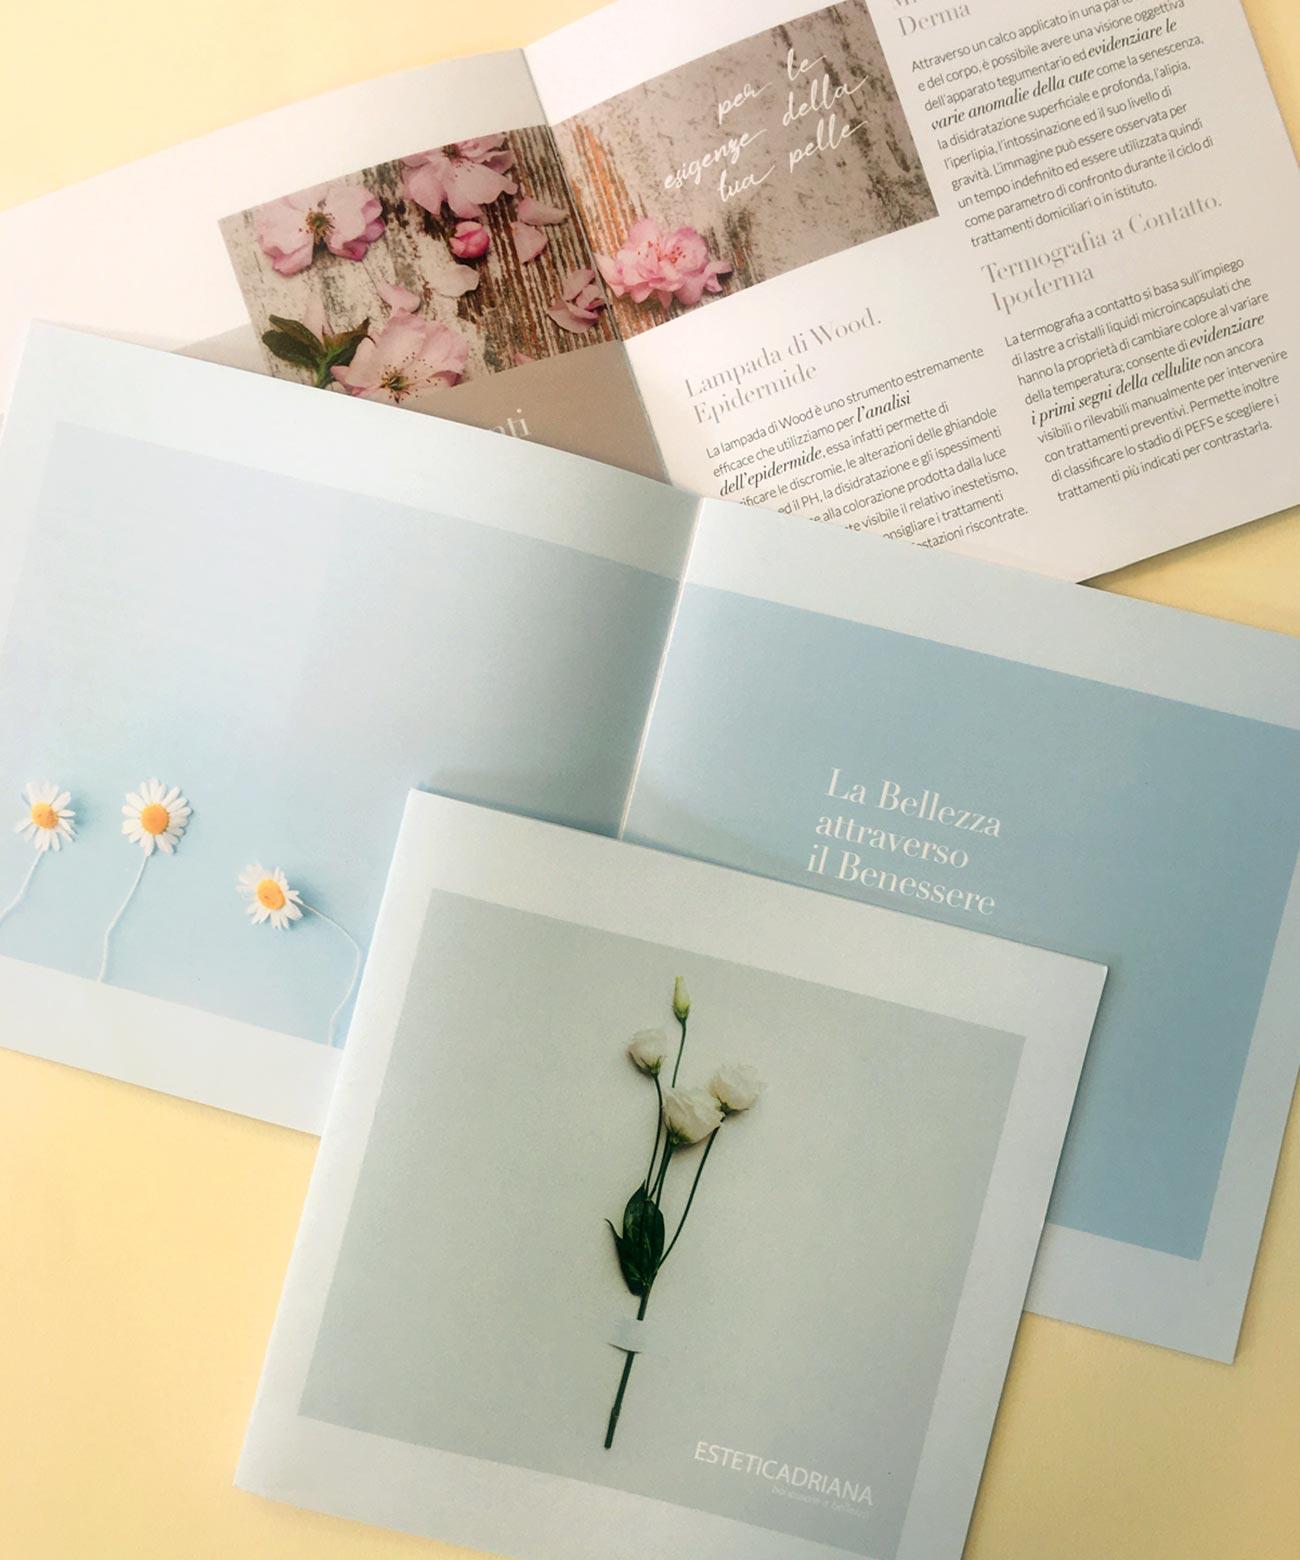 Estetica Adriana. La nuova brochure della bellezza attraverso il benessere